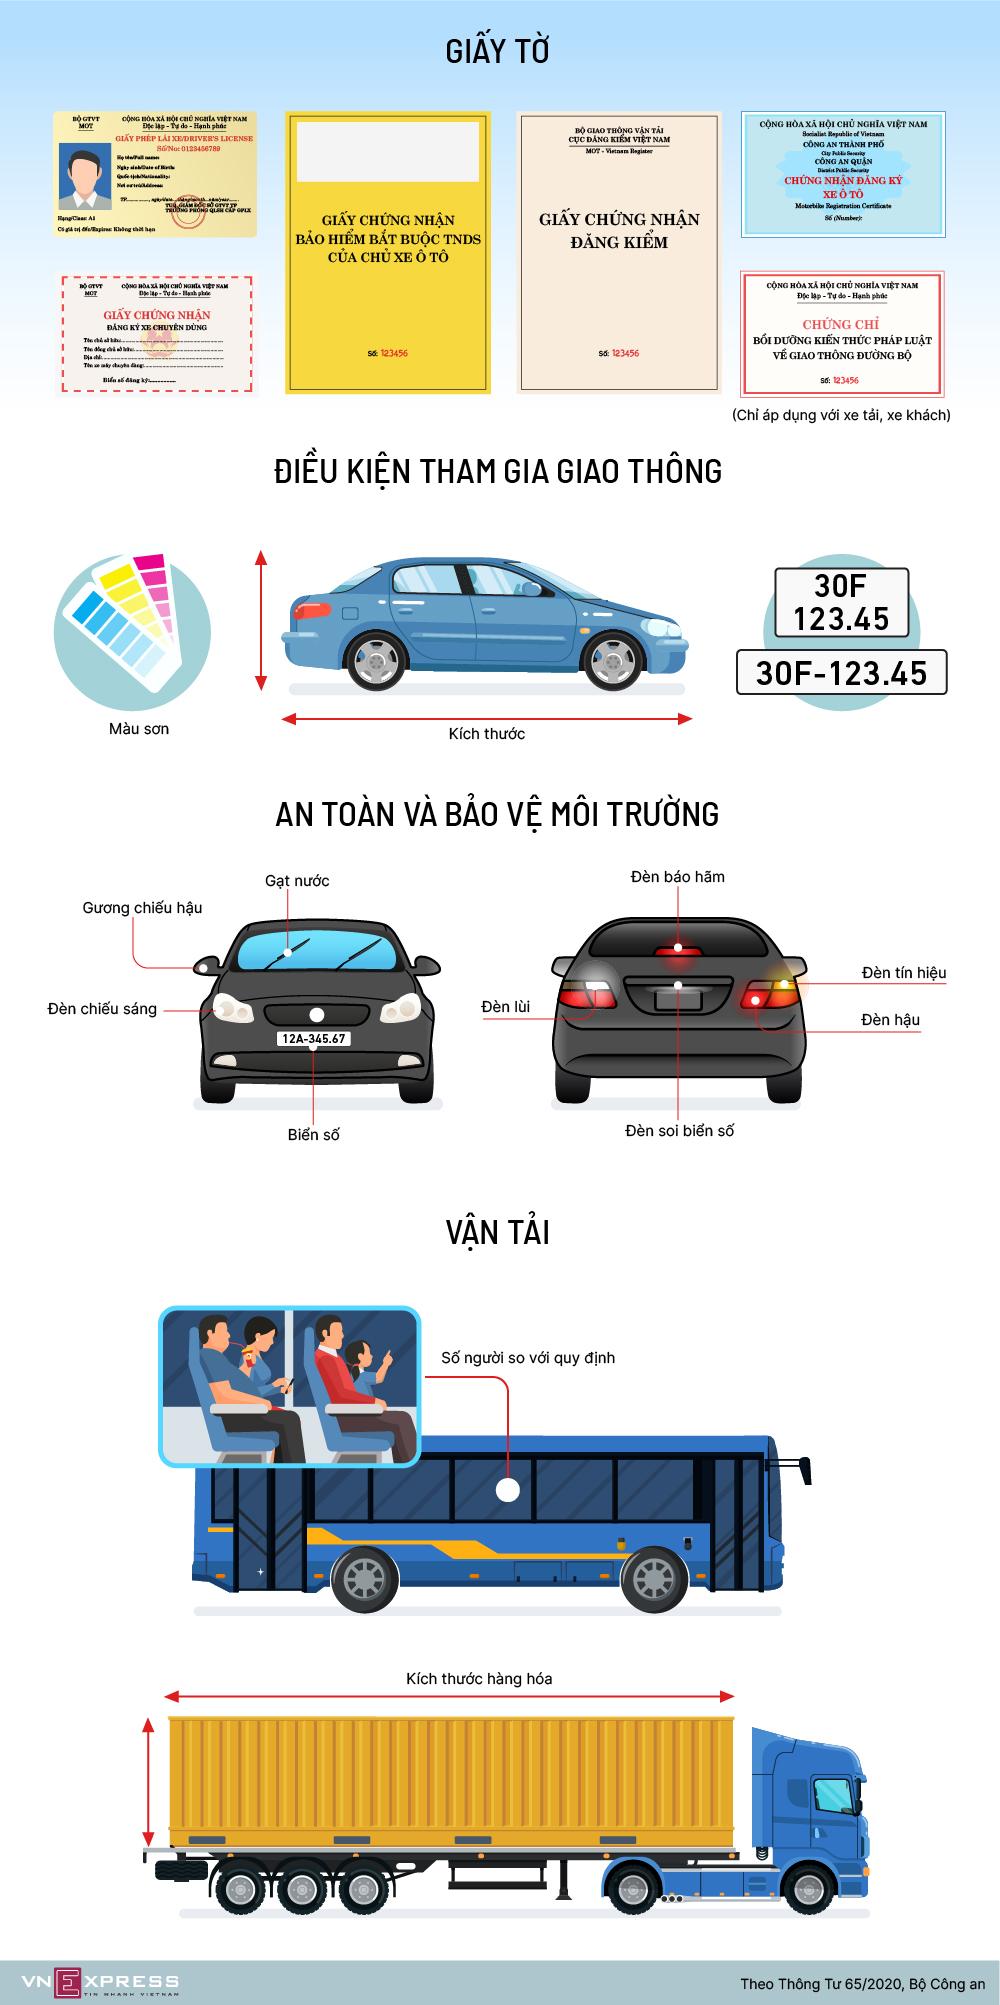 Cảnh sát giao thông kiểm tra những gì khi dừng xe?